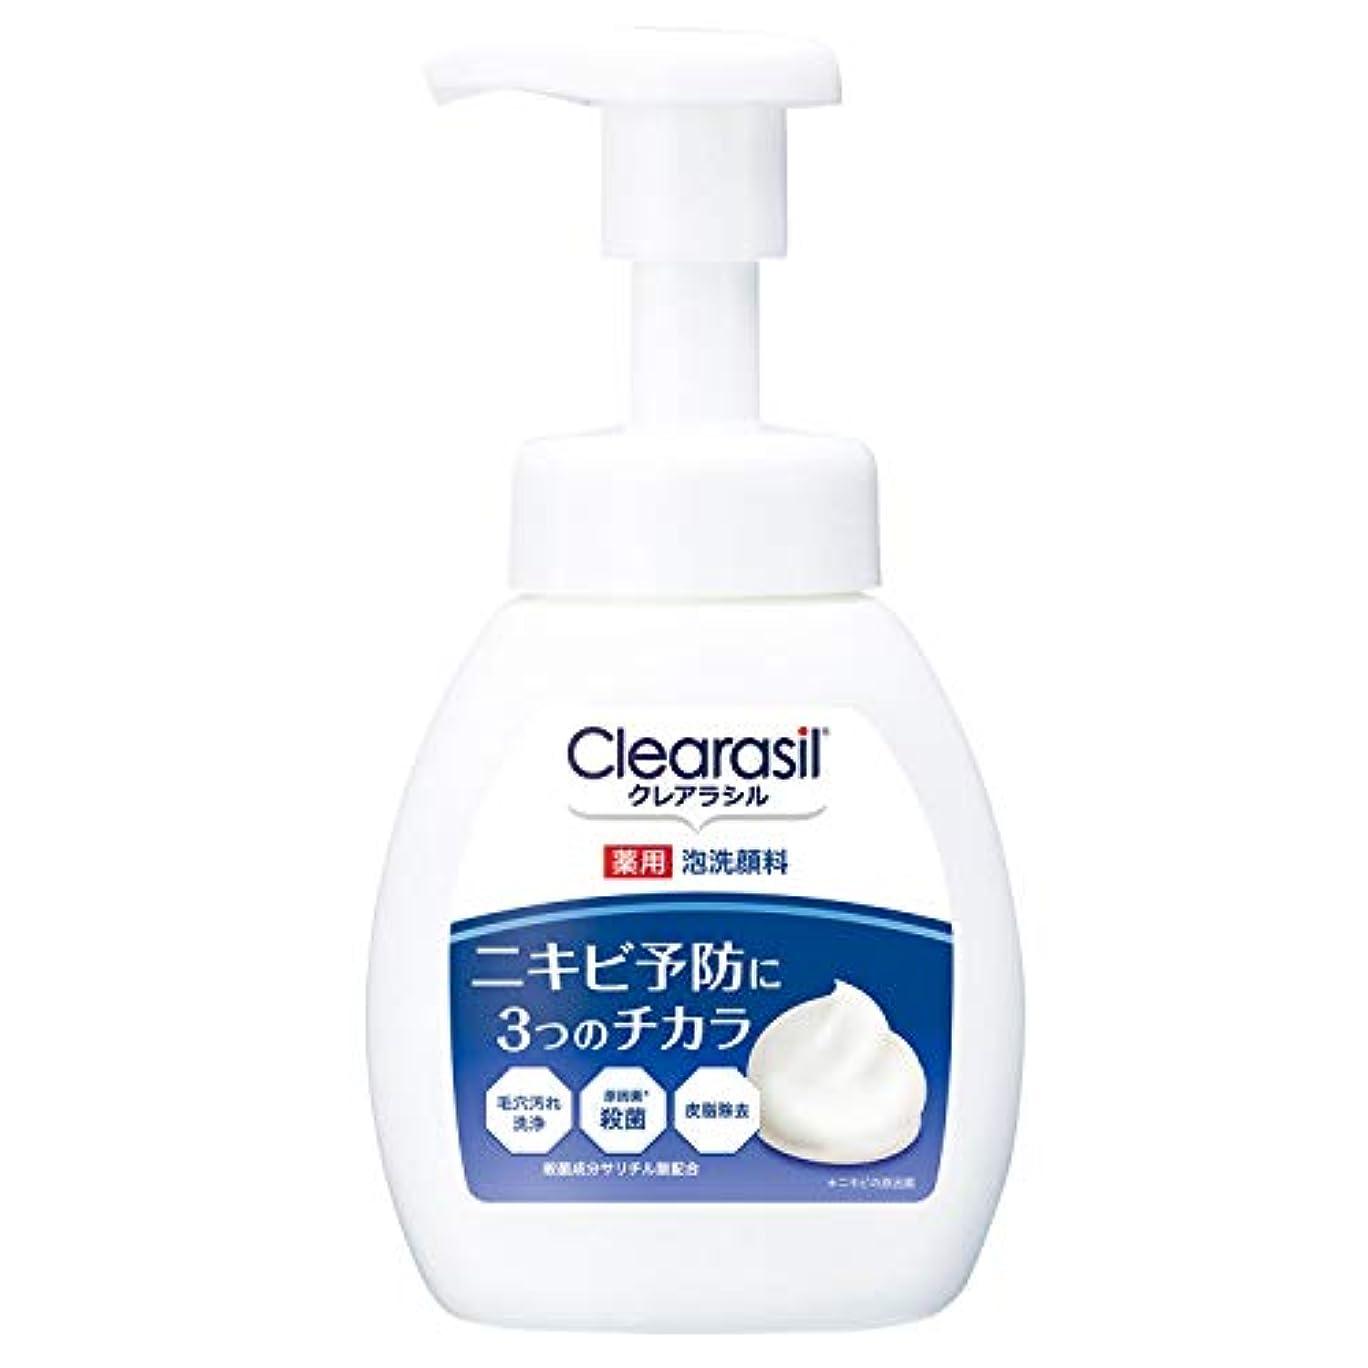 専門化する構成する交換可能クレアラシル 薬用泡洗顔フォーム 10 本体 200ml